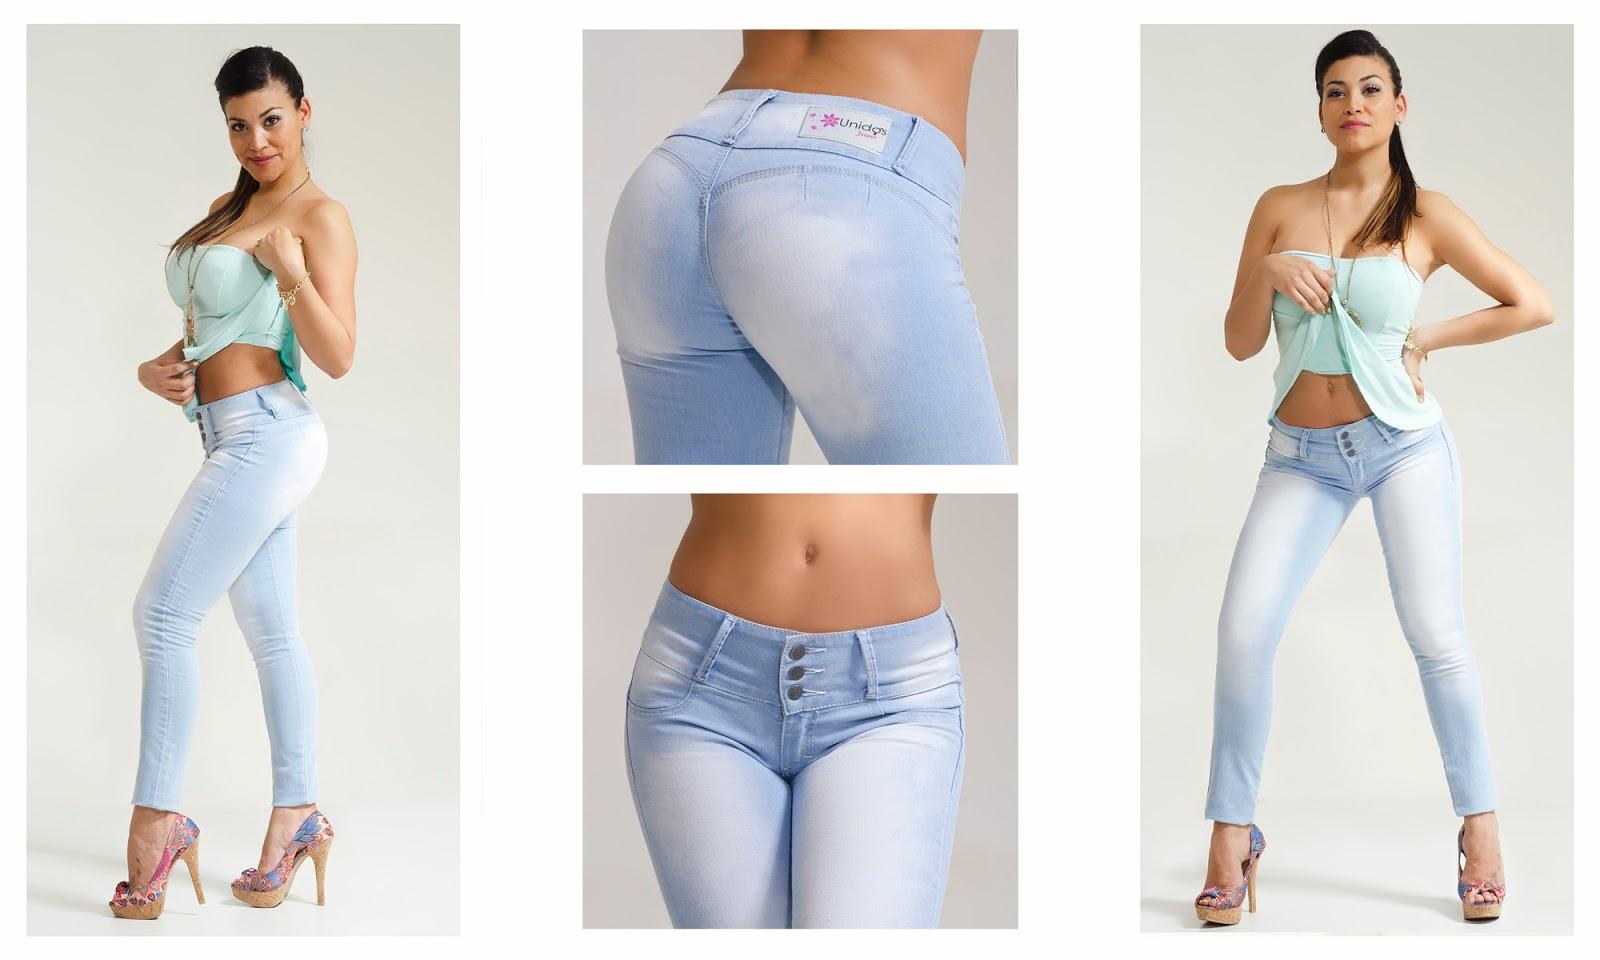 Cogidas Con Jeans Puesto - free porn